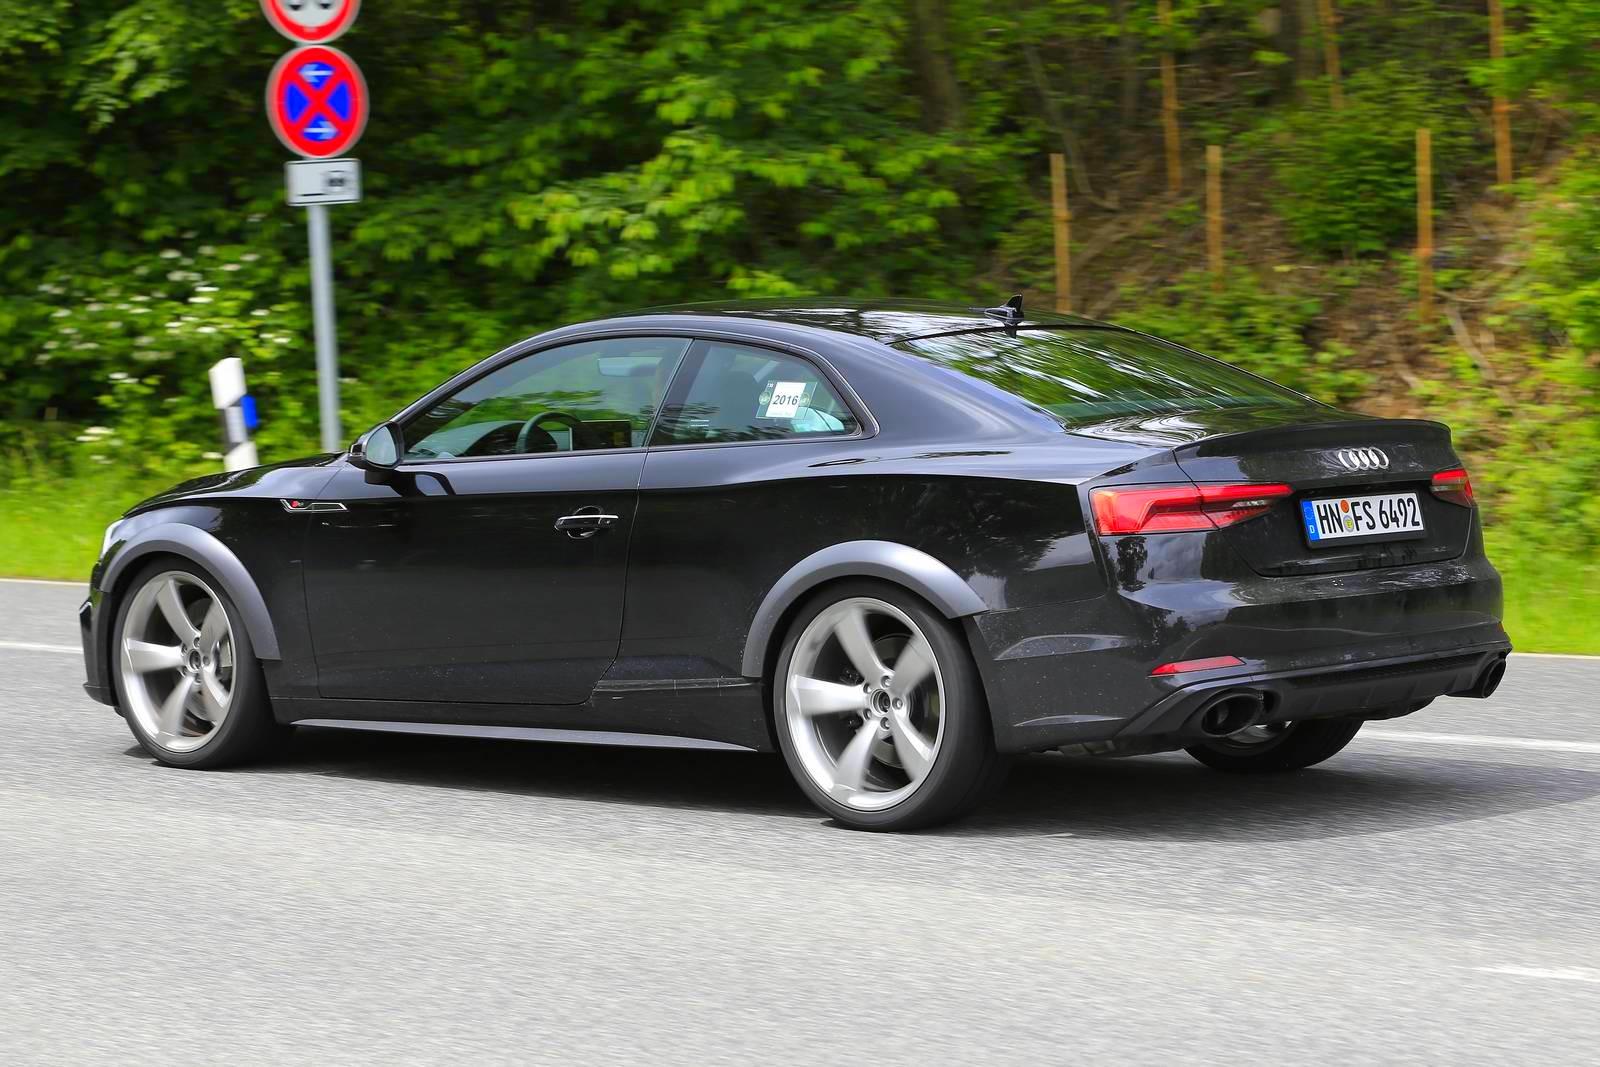 Spiunohet gjatë procesit të testimit Audi RS5 që lansohet më 2018 foto 4